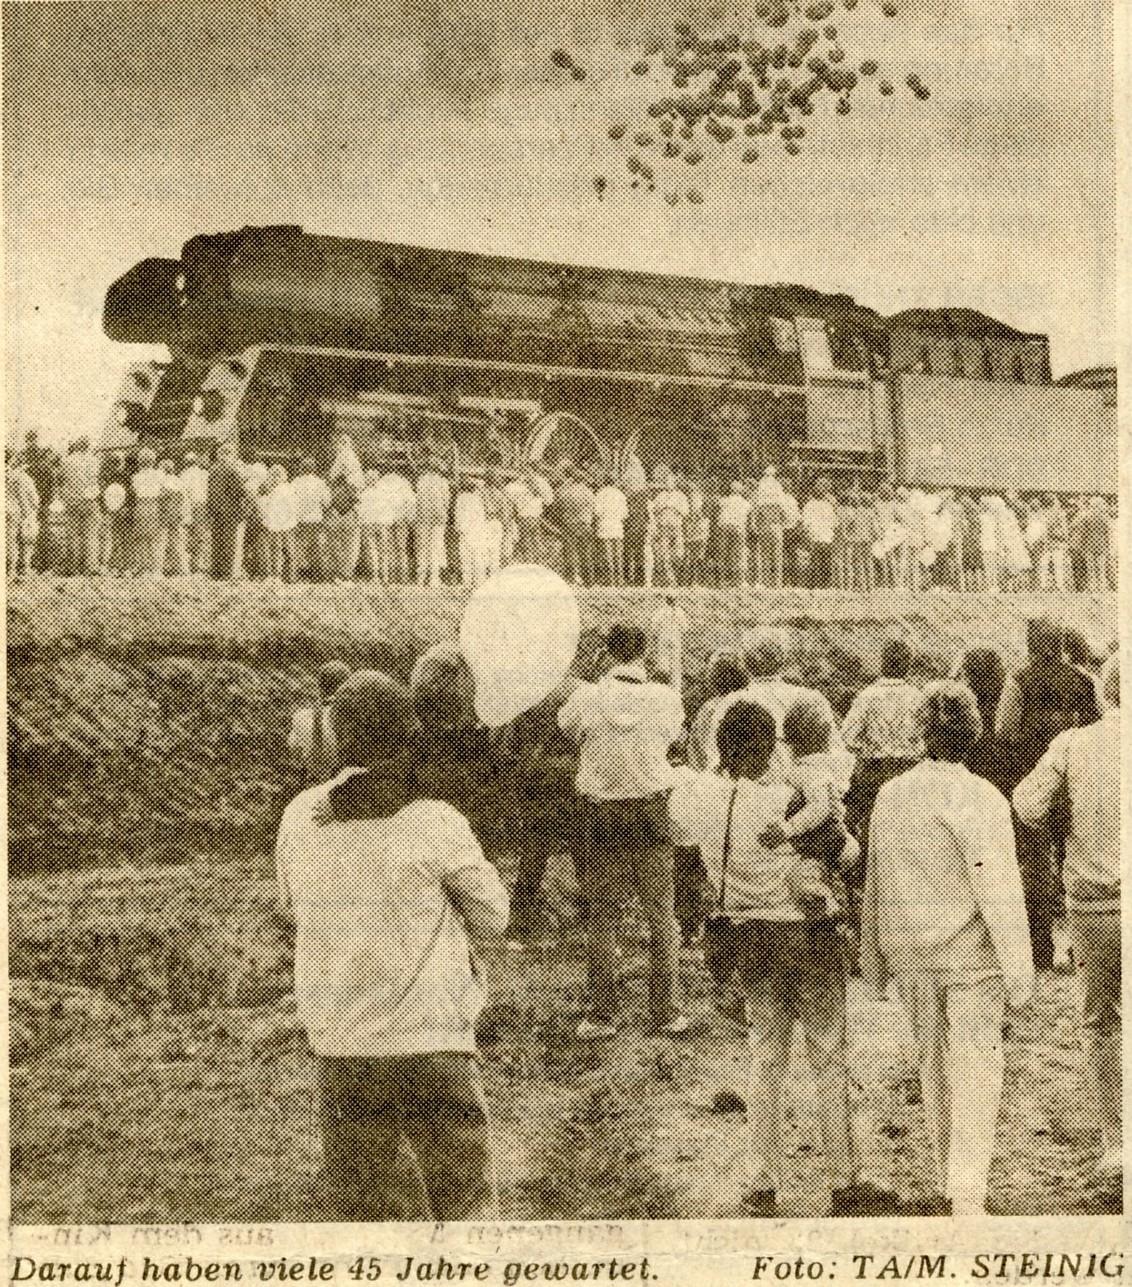 63. Der Zug rollt wieder